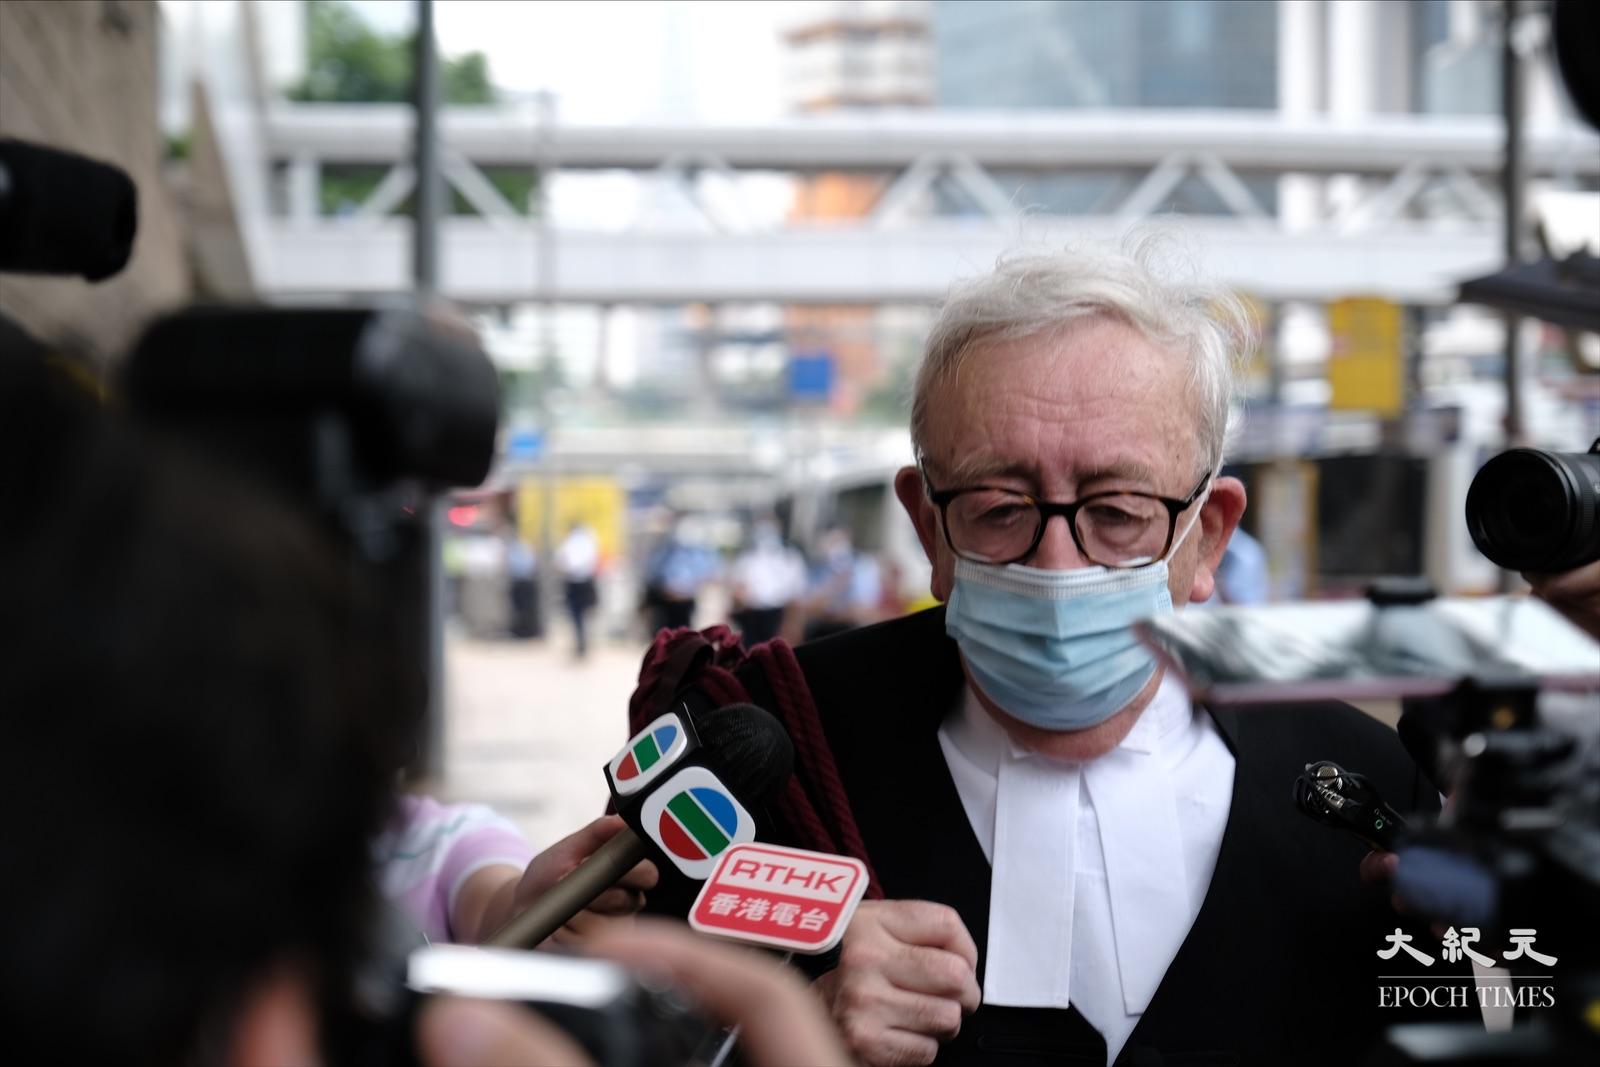 被告唐英傑代表律師郭兆銘,尚未決定會否進行上訴。(李榮忠/大紀元)